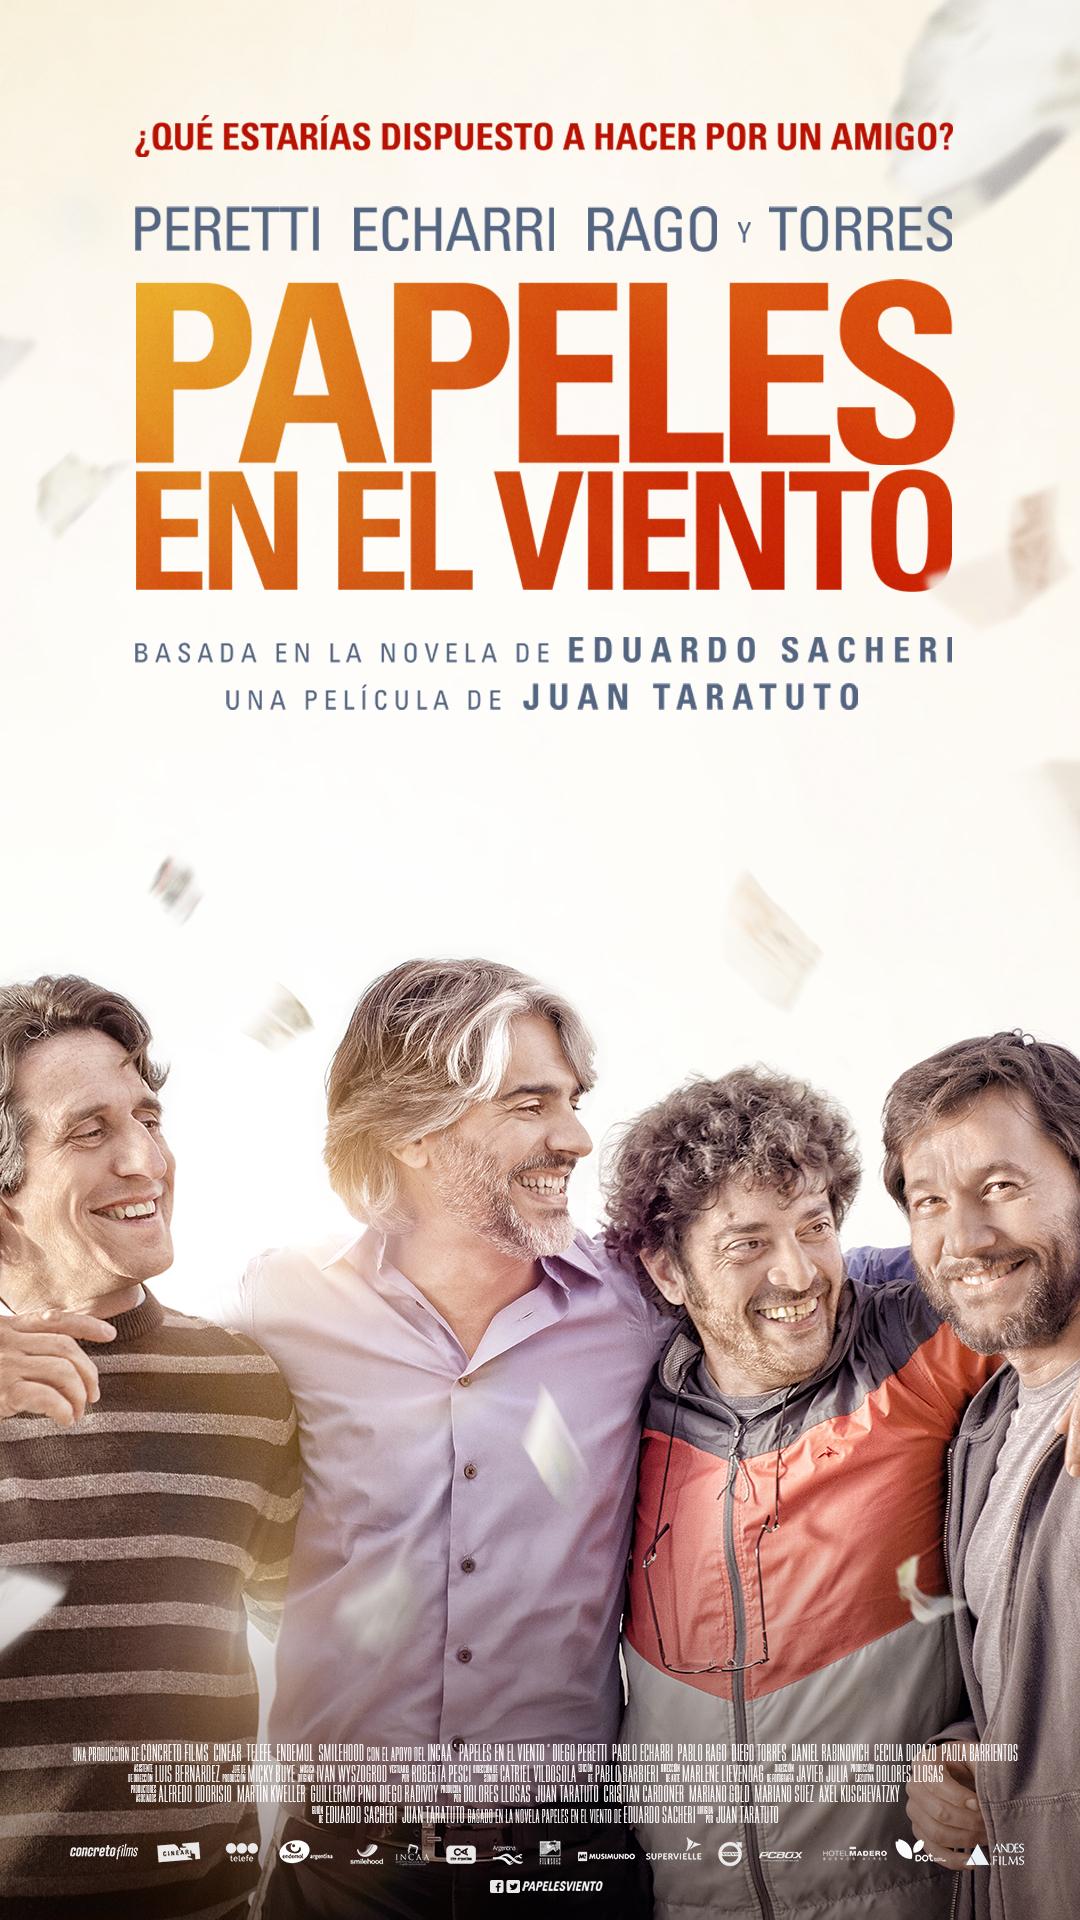 http://www.andesfilms.com.pe/papeles-en-el-viento-1012/